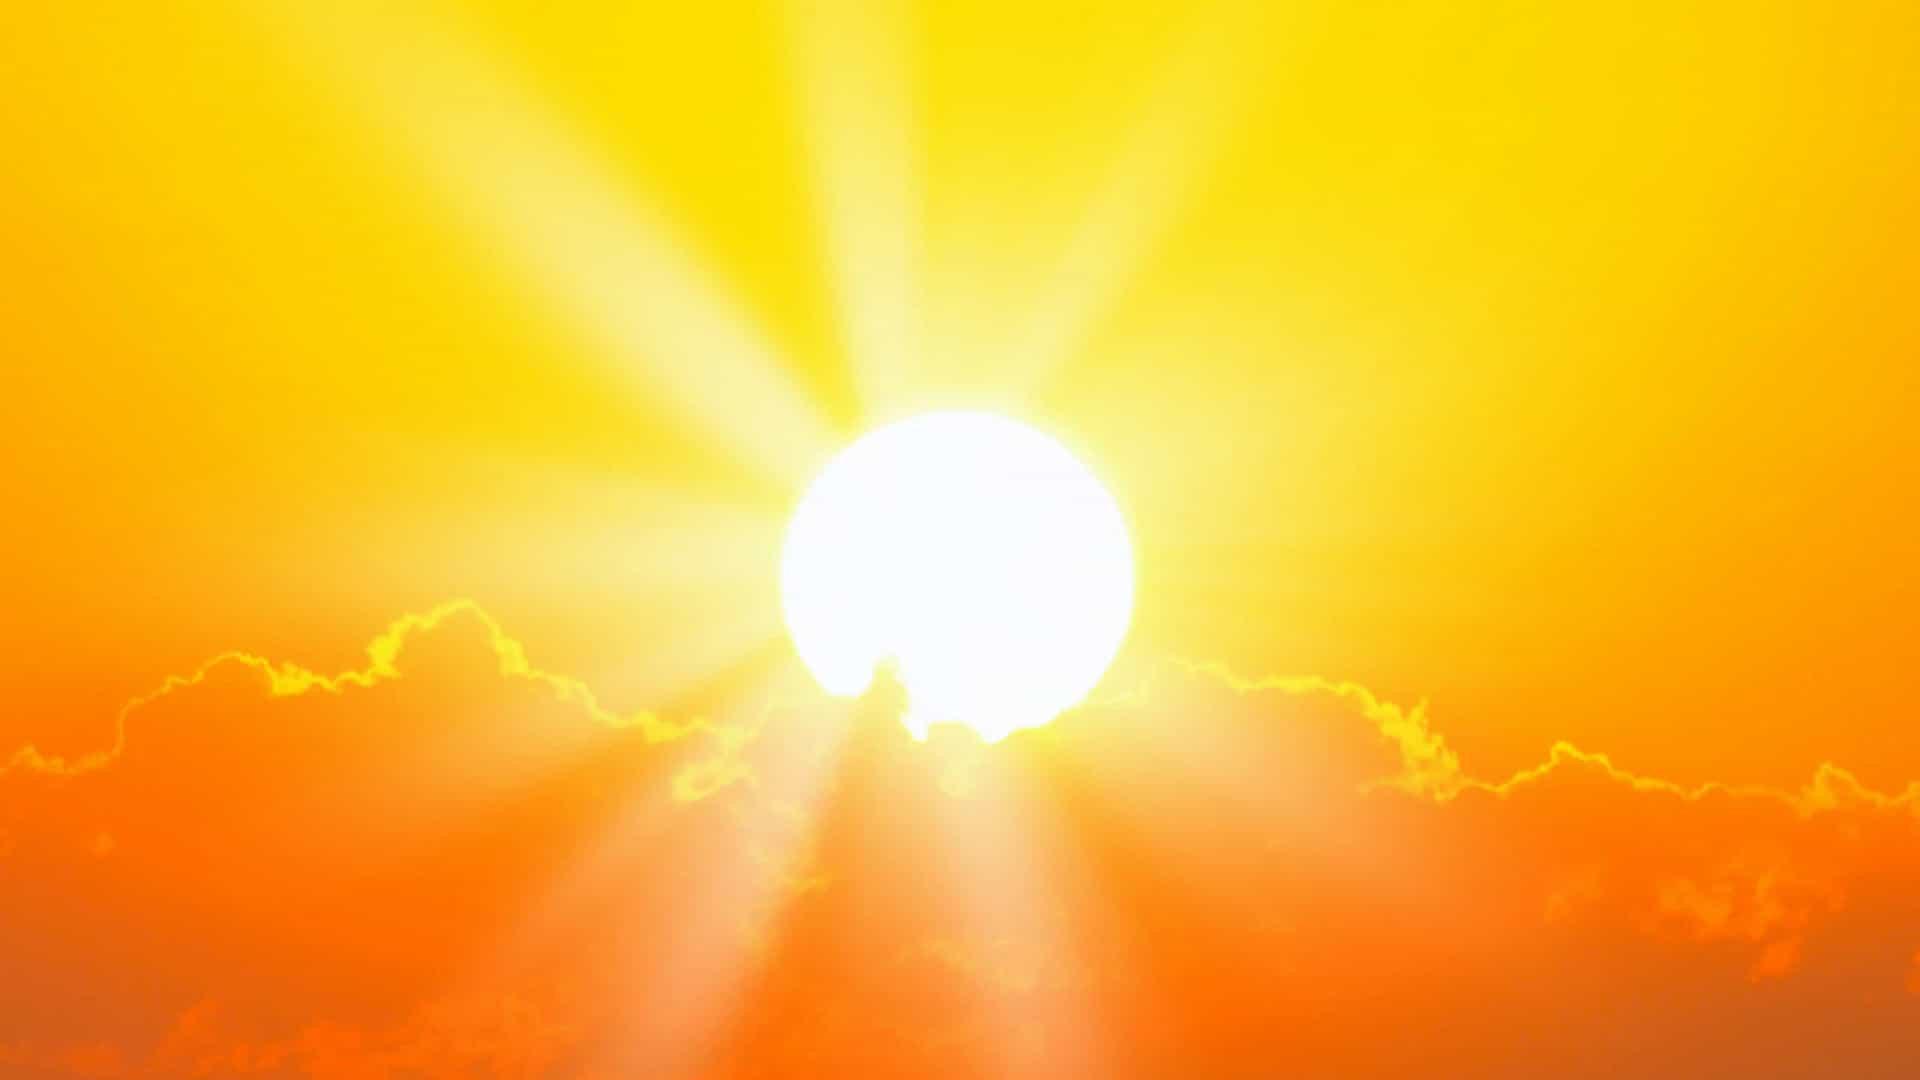 Vitamina D: efeitos da falta e do excesso de Sol para a saúde